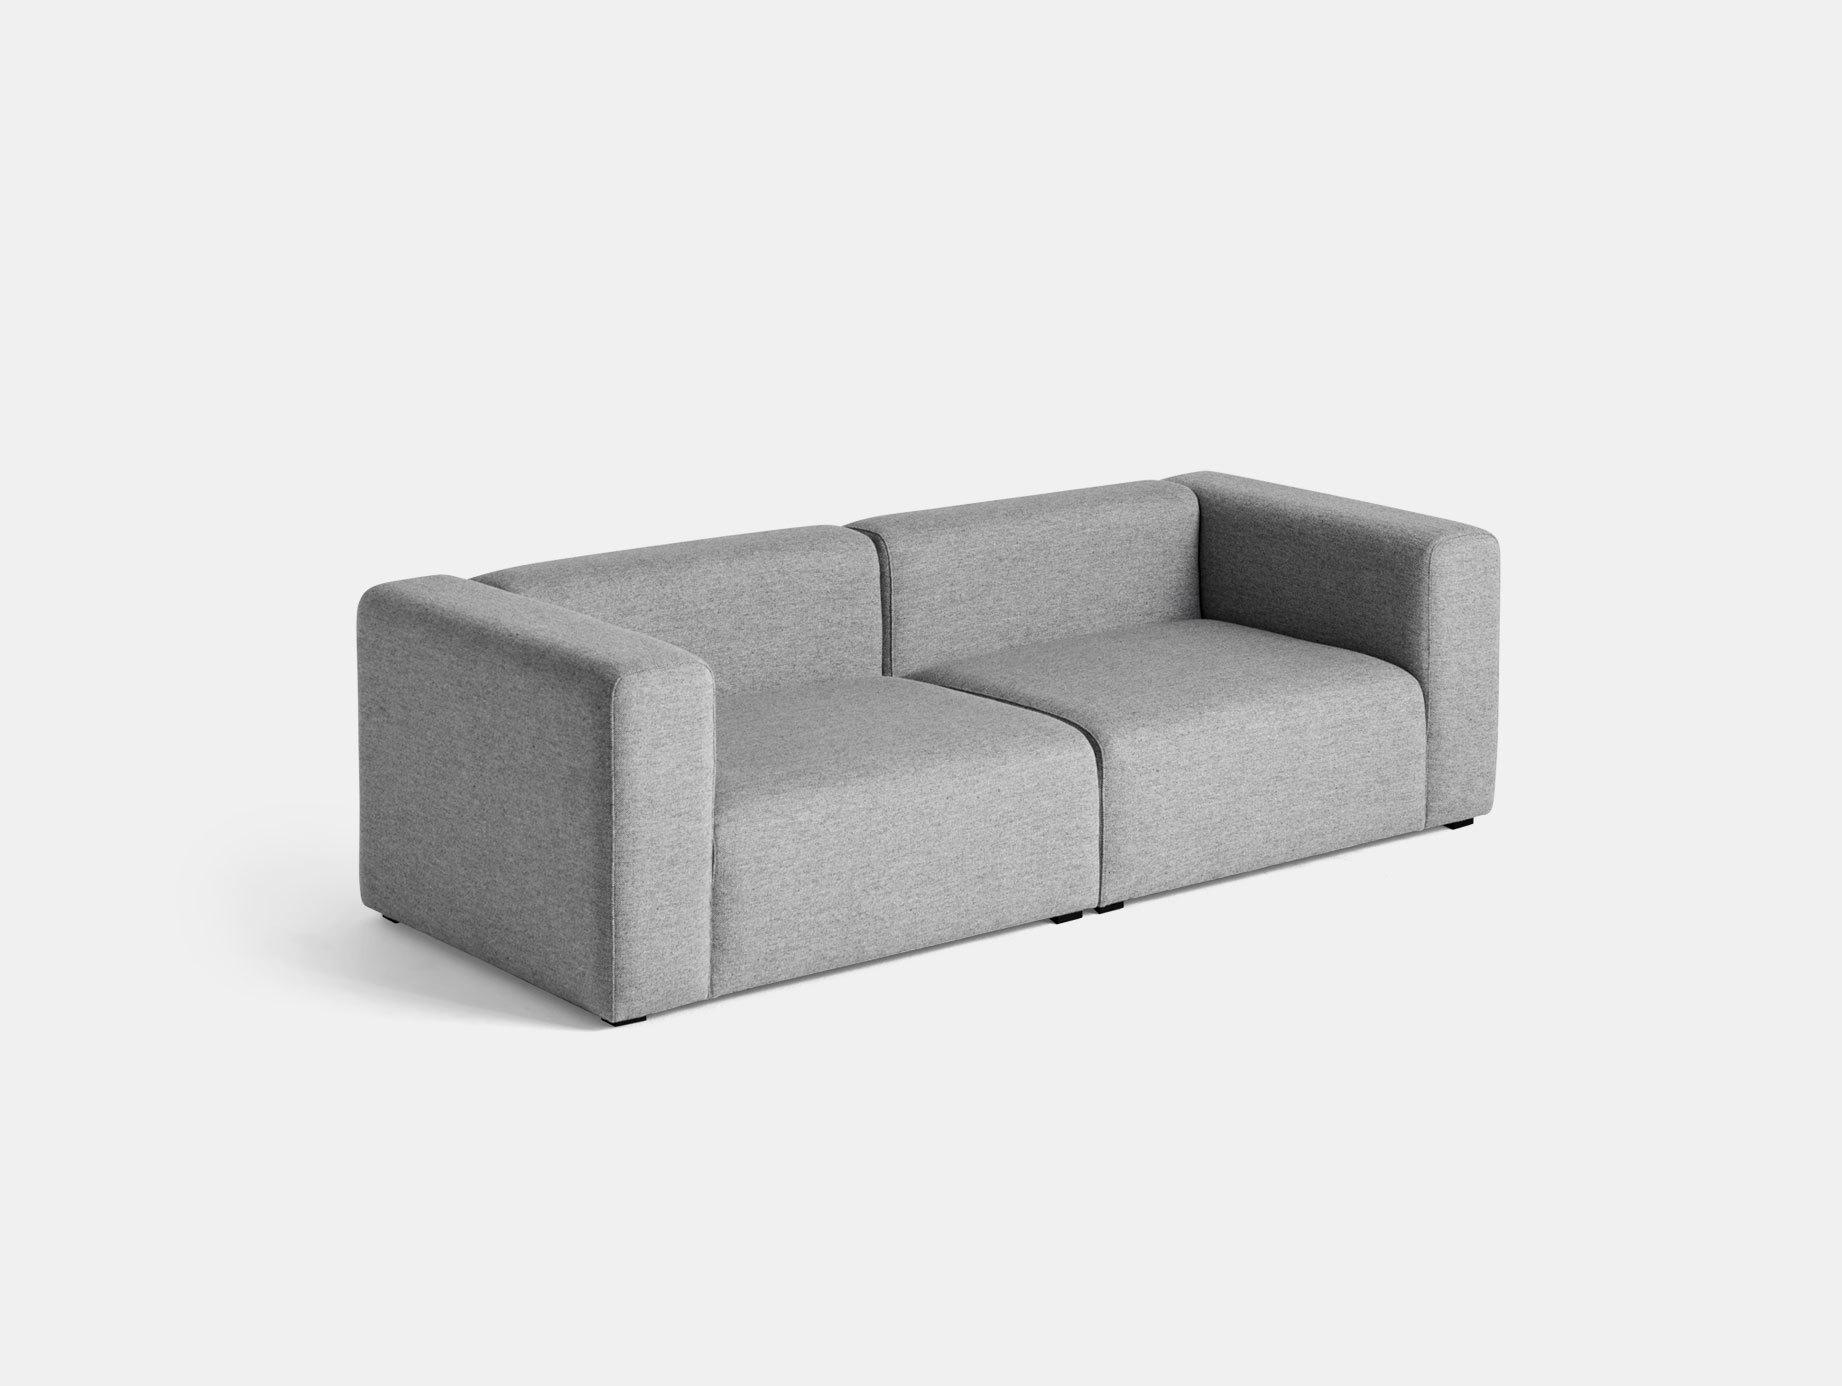 Hay Mags Sofa 2 5 Seater Hallingdal 116